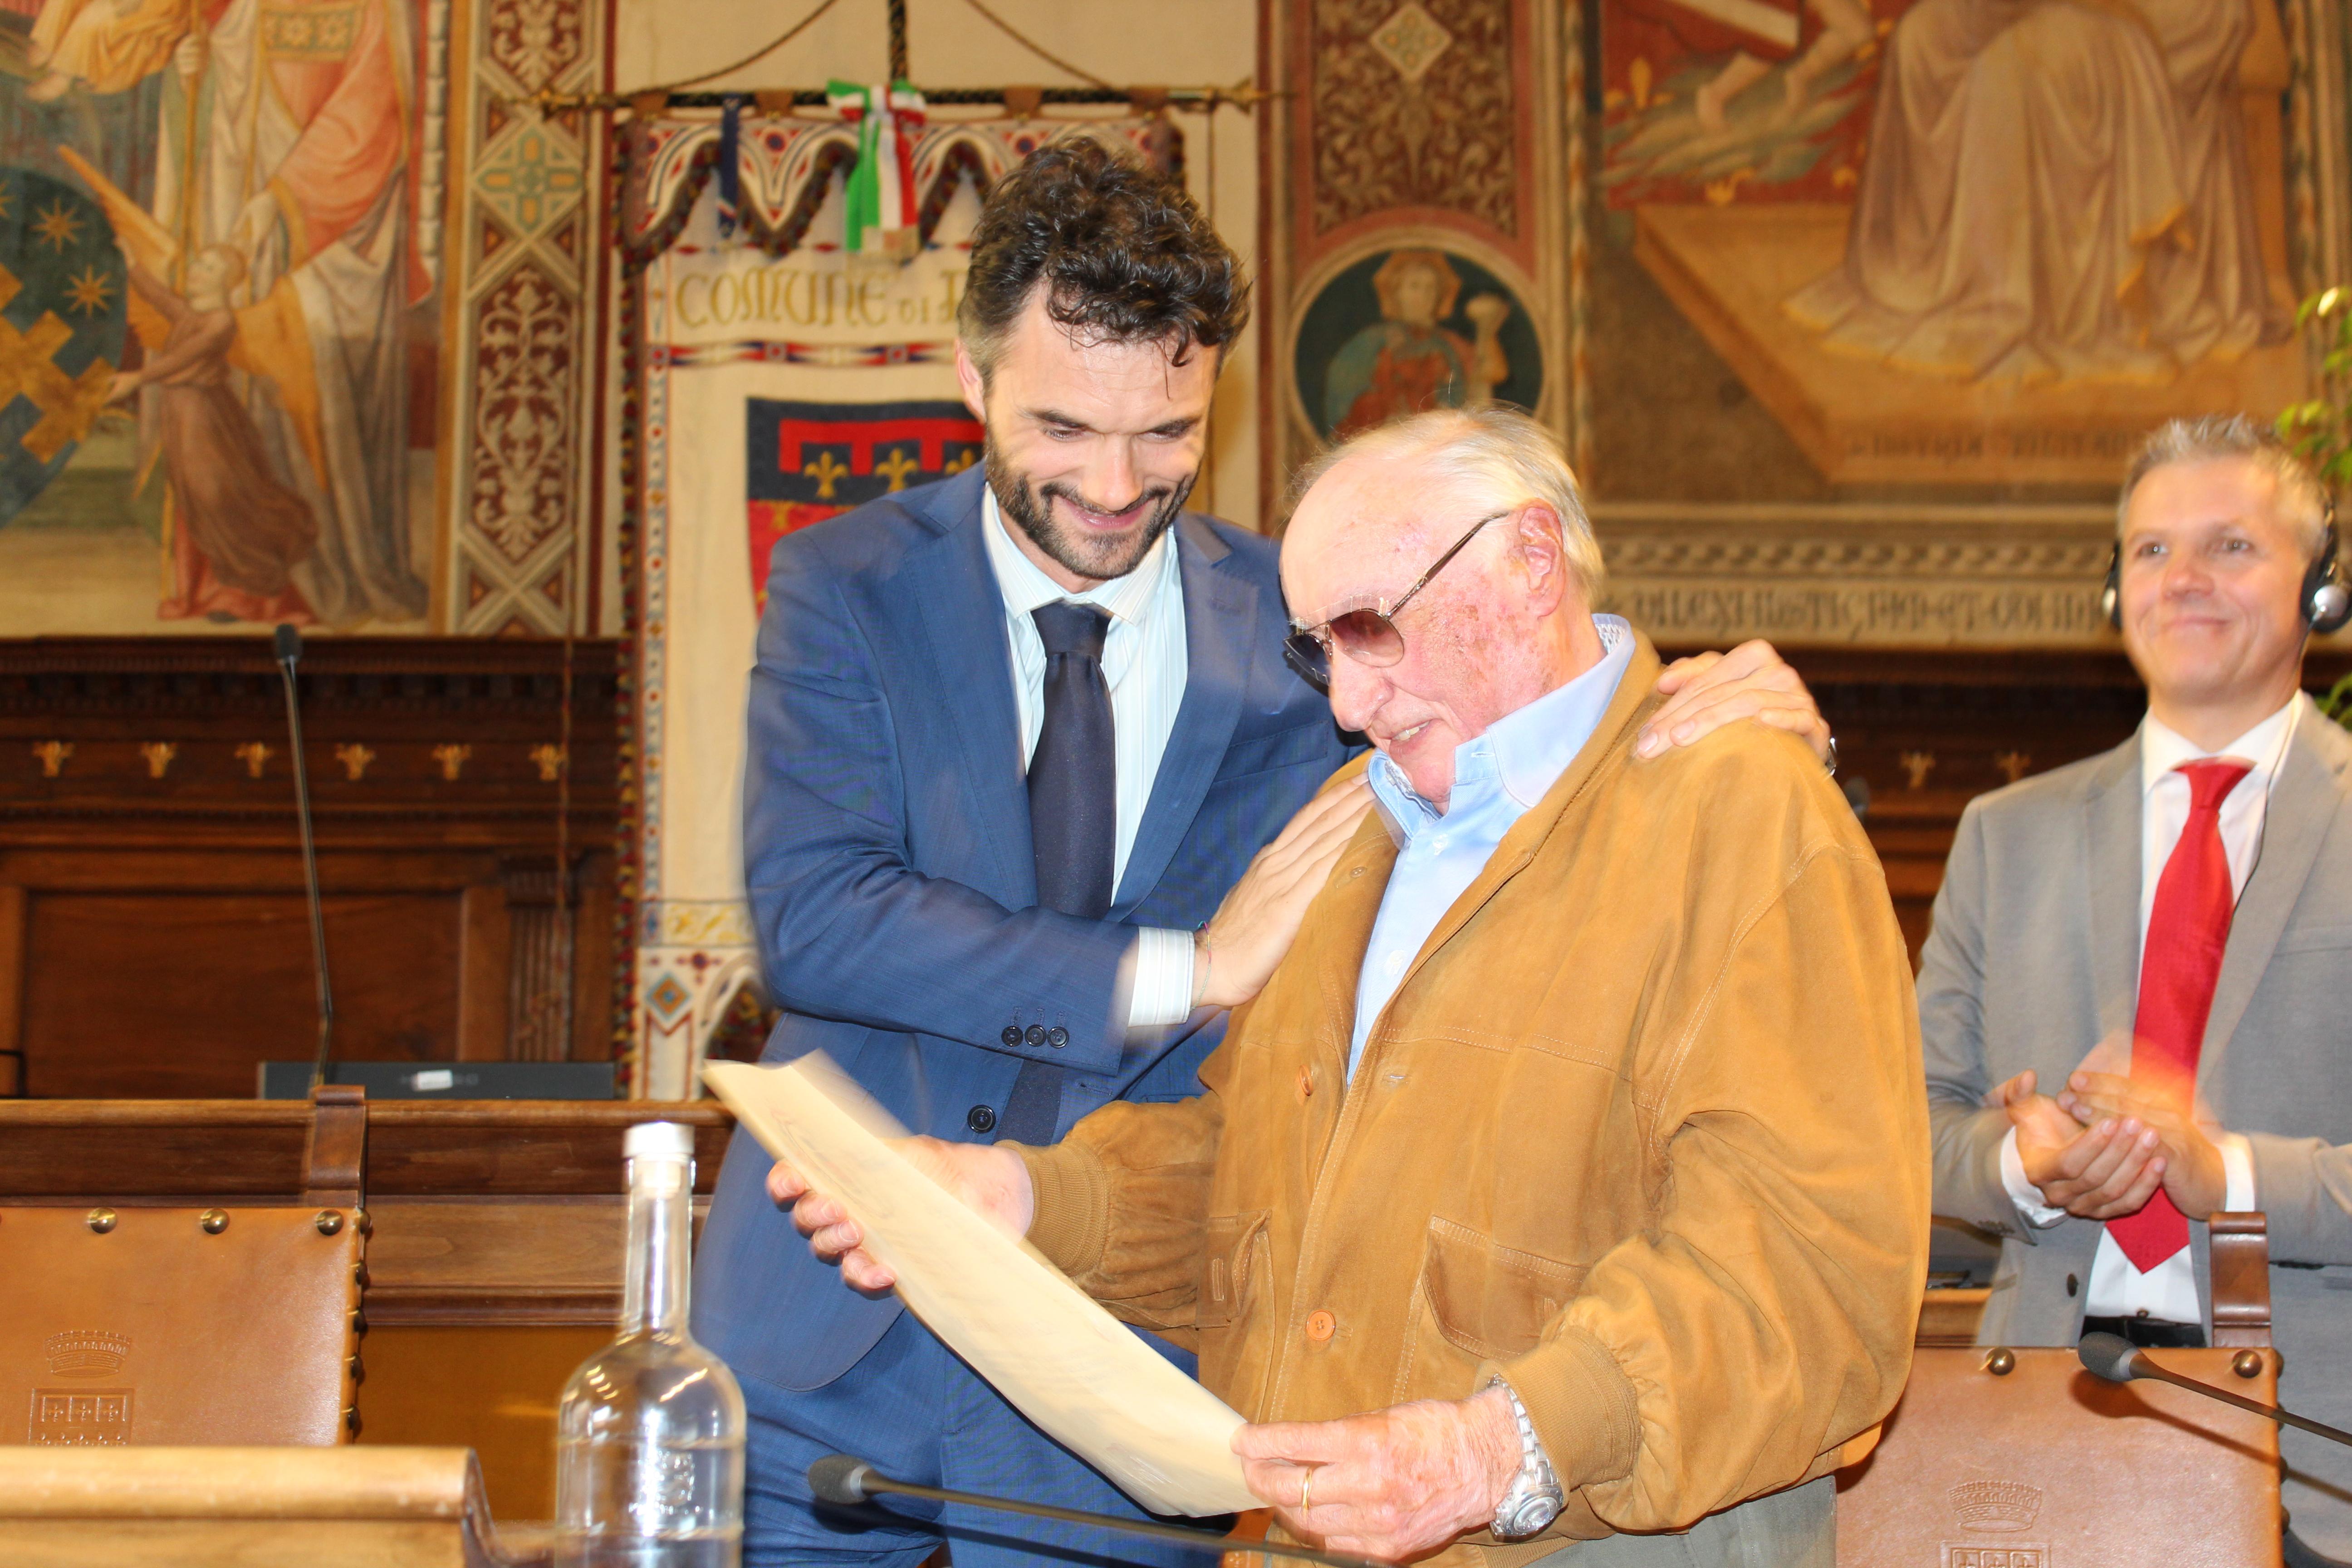 <p>La consegna della pergamena di ringraziamento al lavoro svolto da Giancarlo Biagini, Presidente Aned sezione di Prato</p>